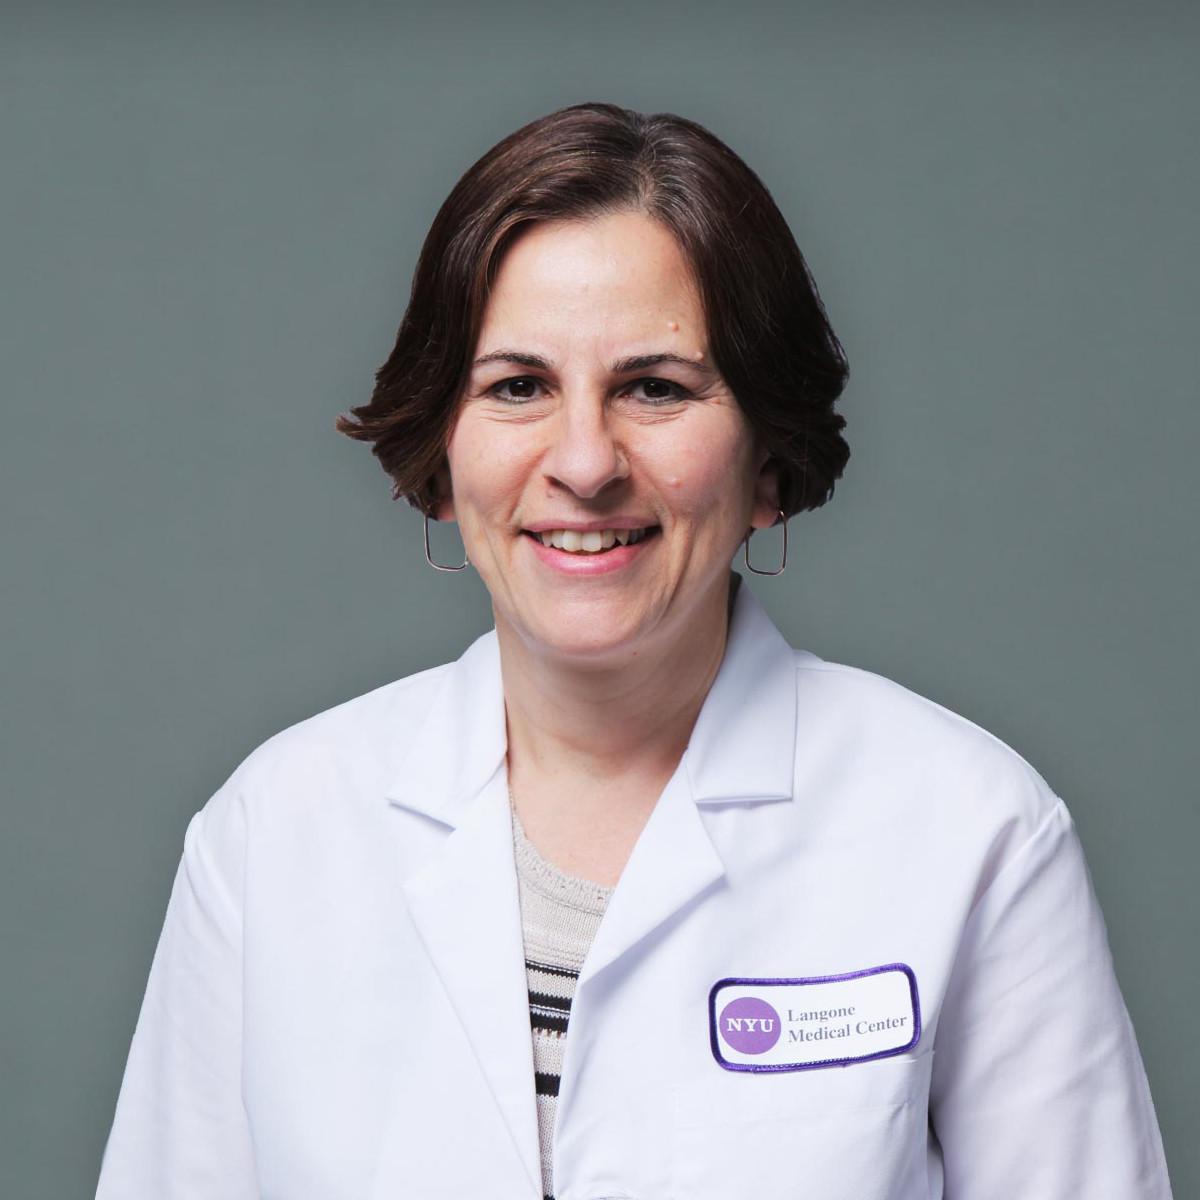 Judith A. Benstein, MD